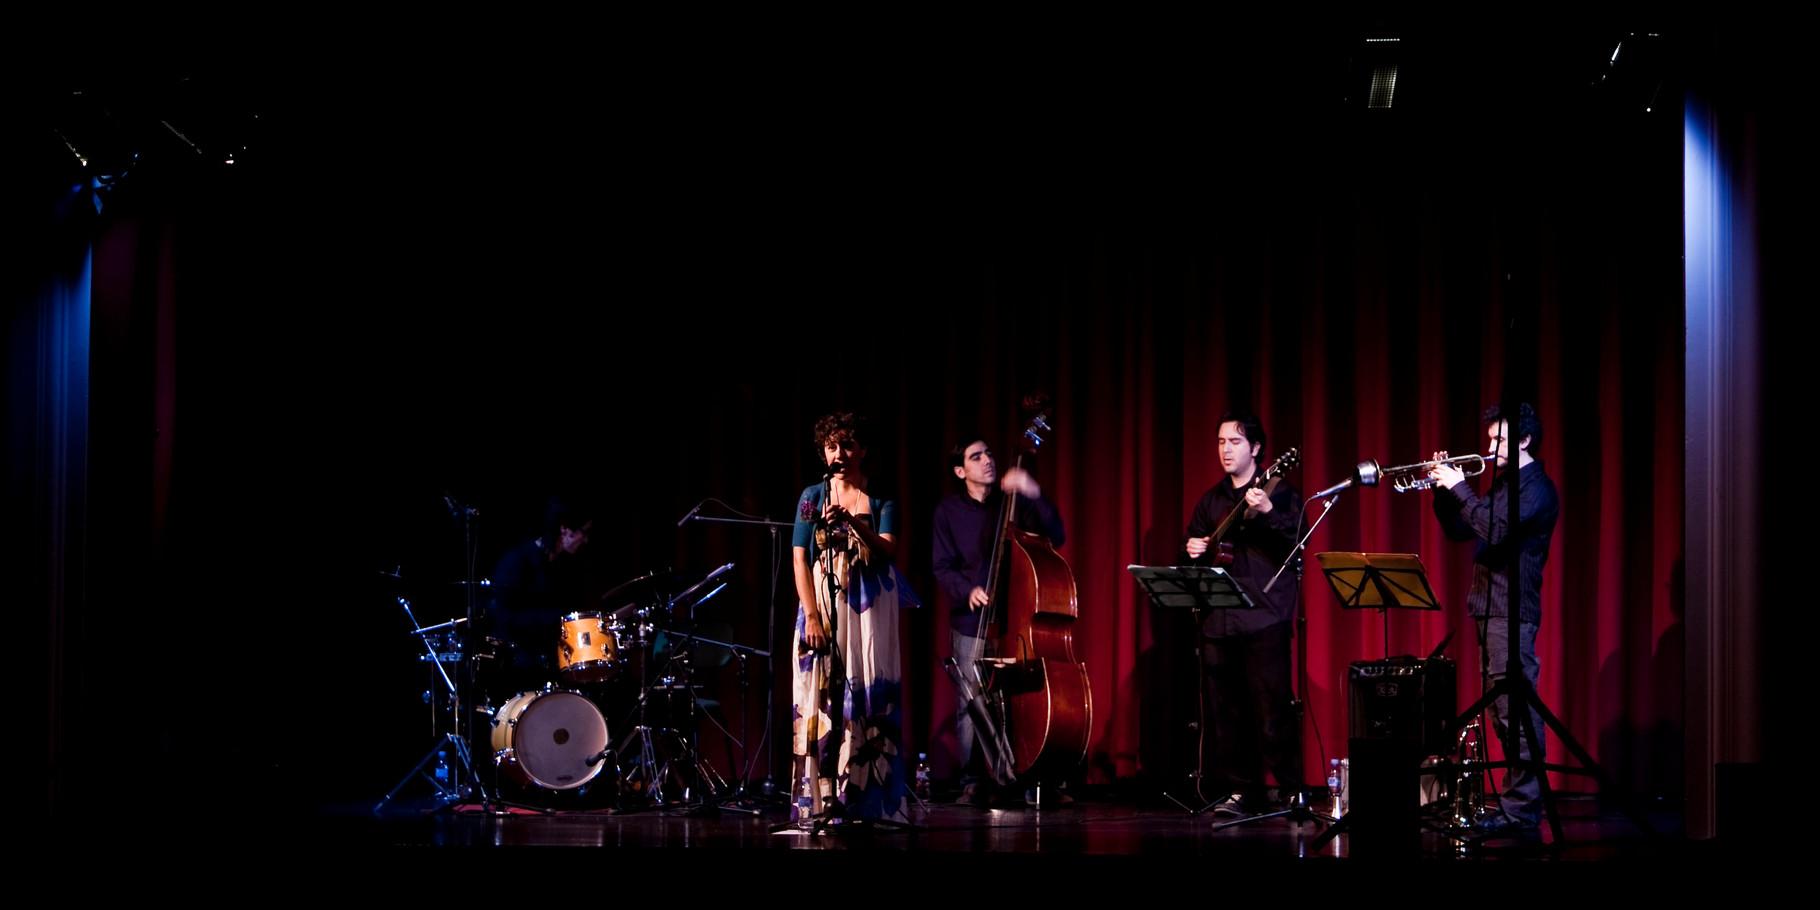 """QUINTETO con CARLOS ROSSI (trompeta). PRESENTACIÓN """"La Espuma de los Días"""". CICLO MÚSICAS EN FEBRERO. FOTOS: ANTONIO MARTINEZ RUBIO. SEVILLA. 2009"""